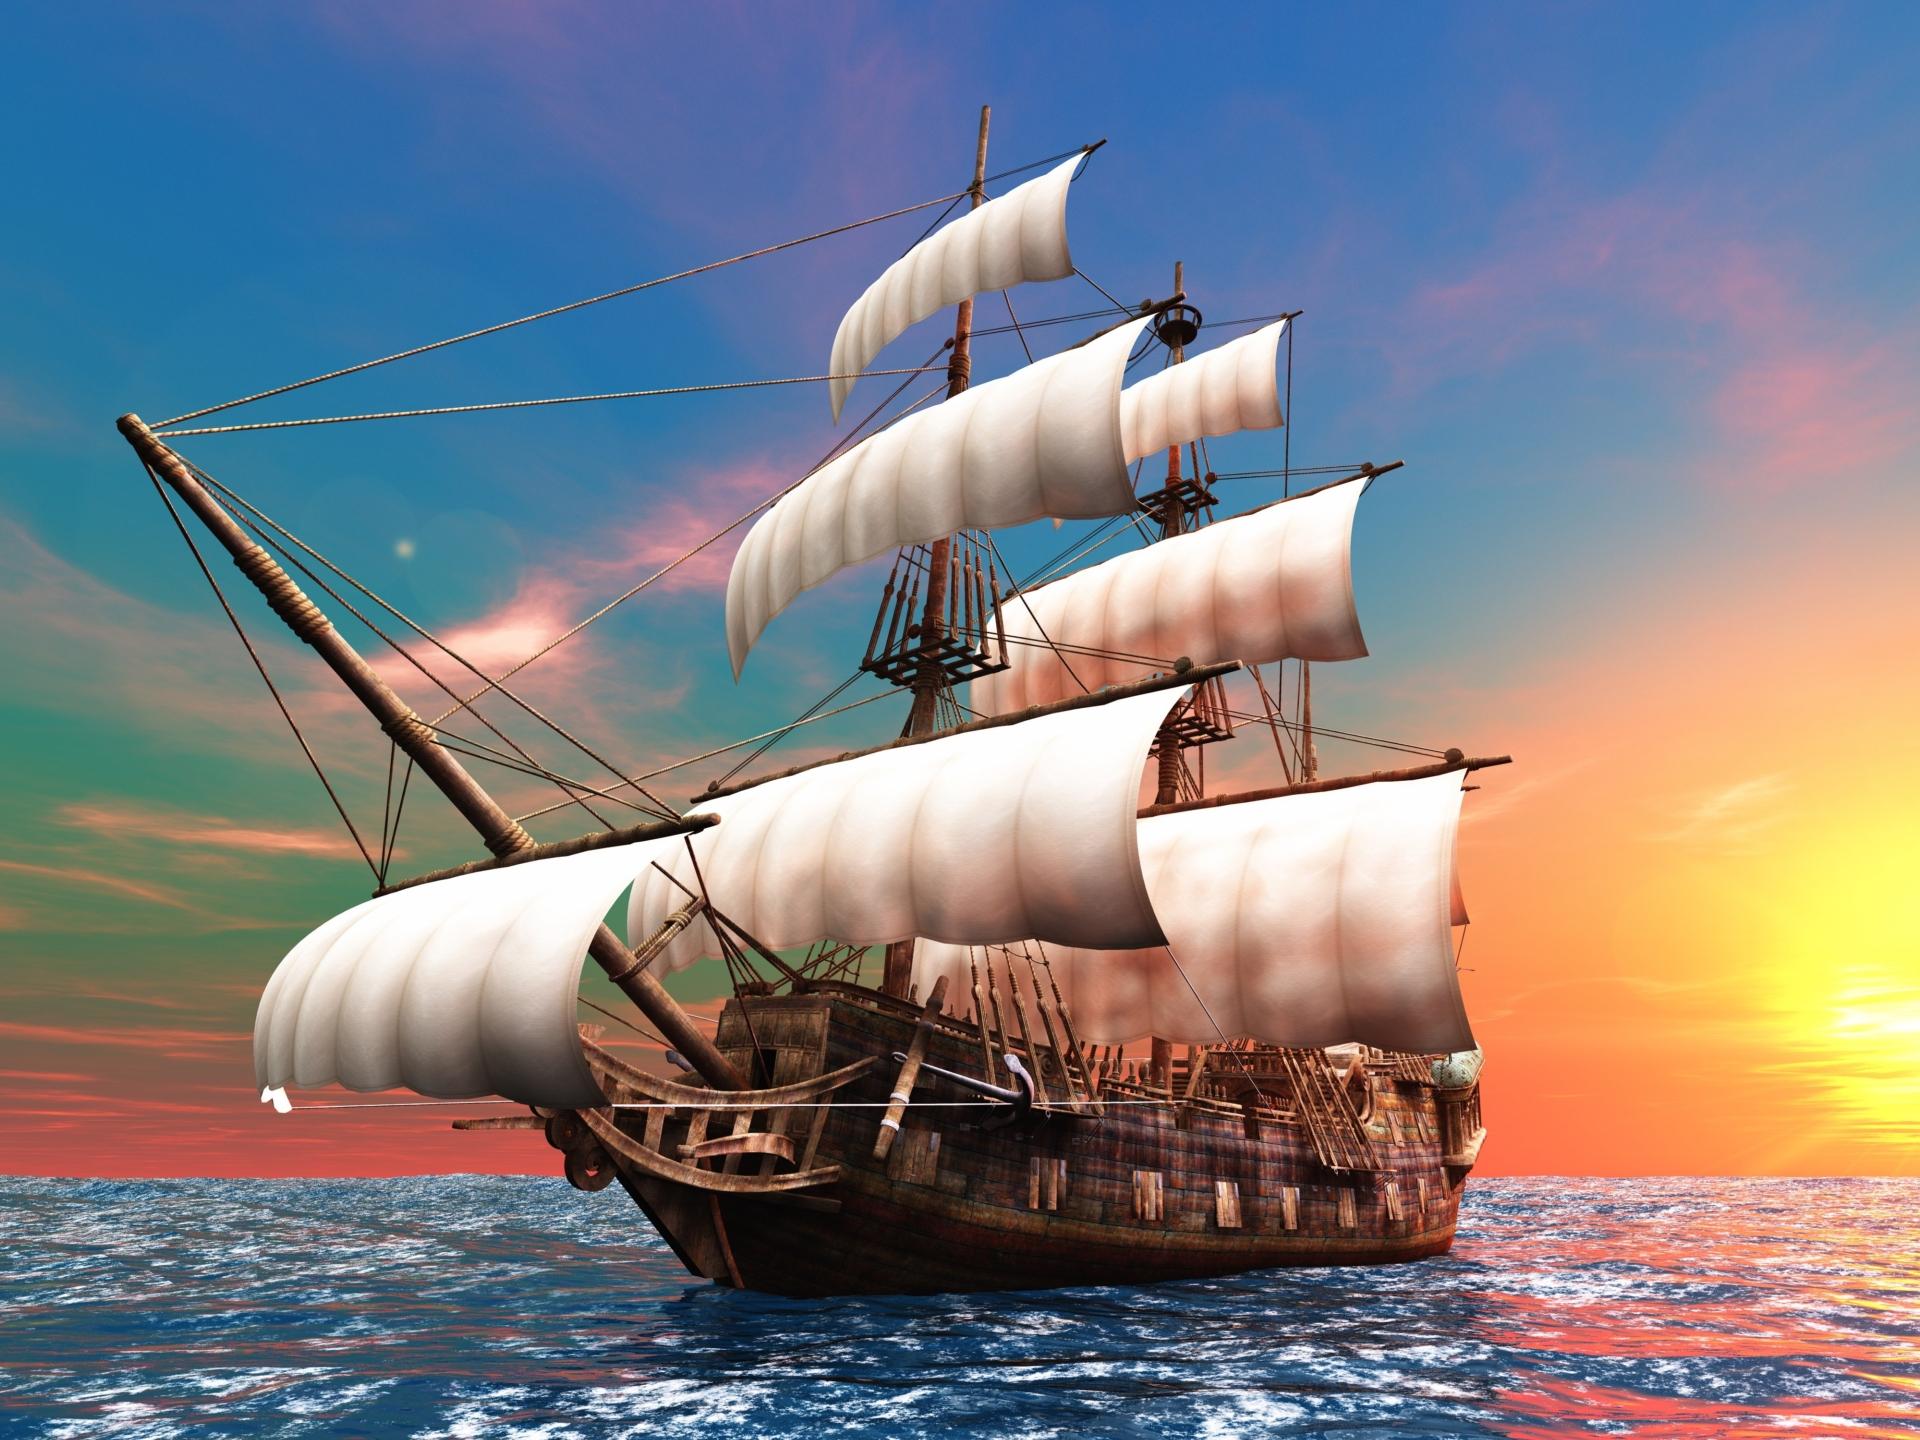 Обои паруса, корабль. Разное foto 16